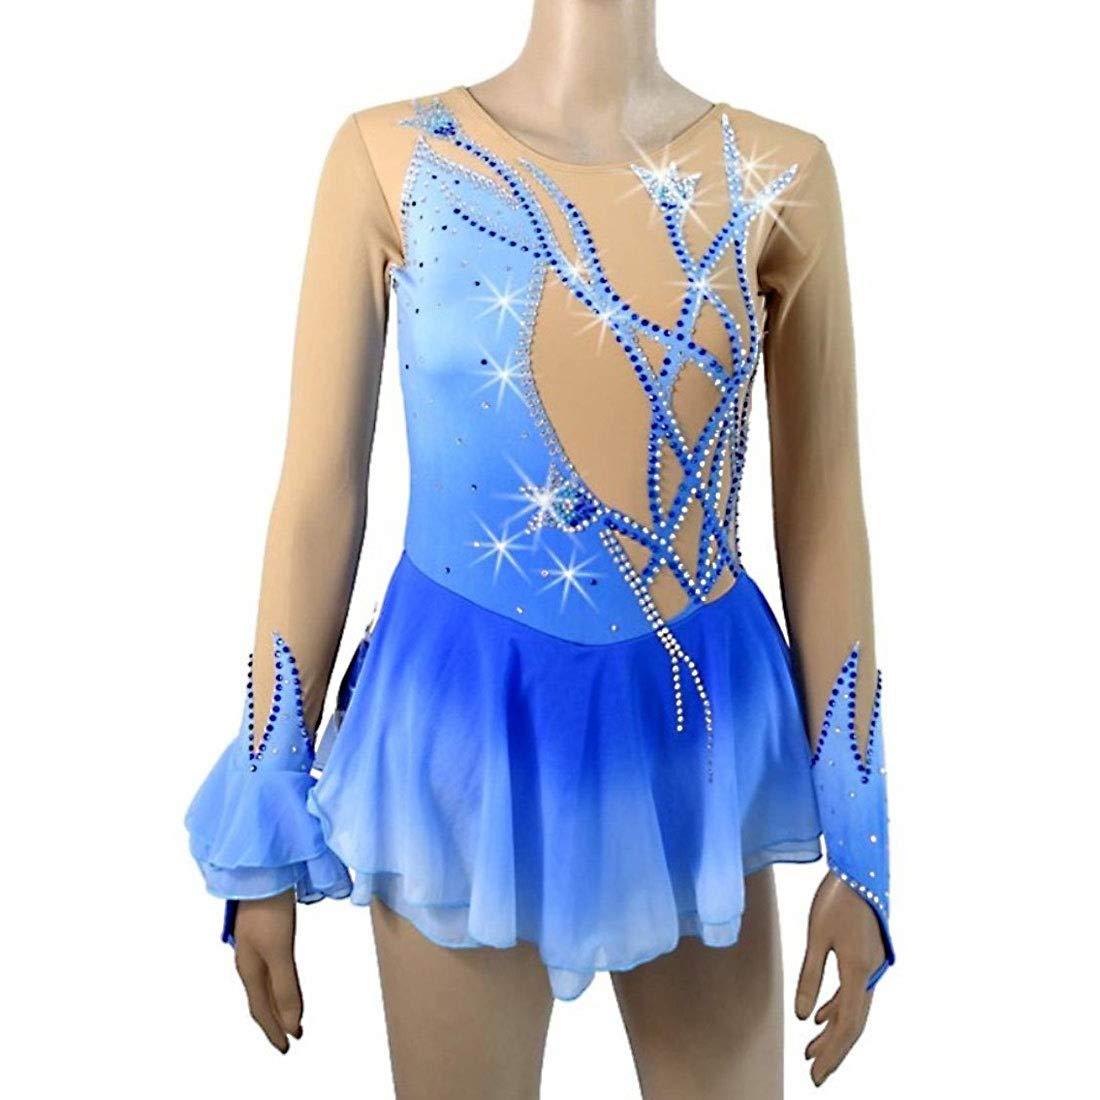 女性の女の子のためのアイススケートドレス、青フィギュアスケートドレス汗発散アイスダンスドレスコンクールドレスローラースケートスカート長袖 ブルー S